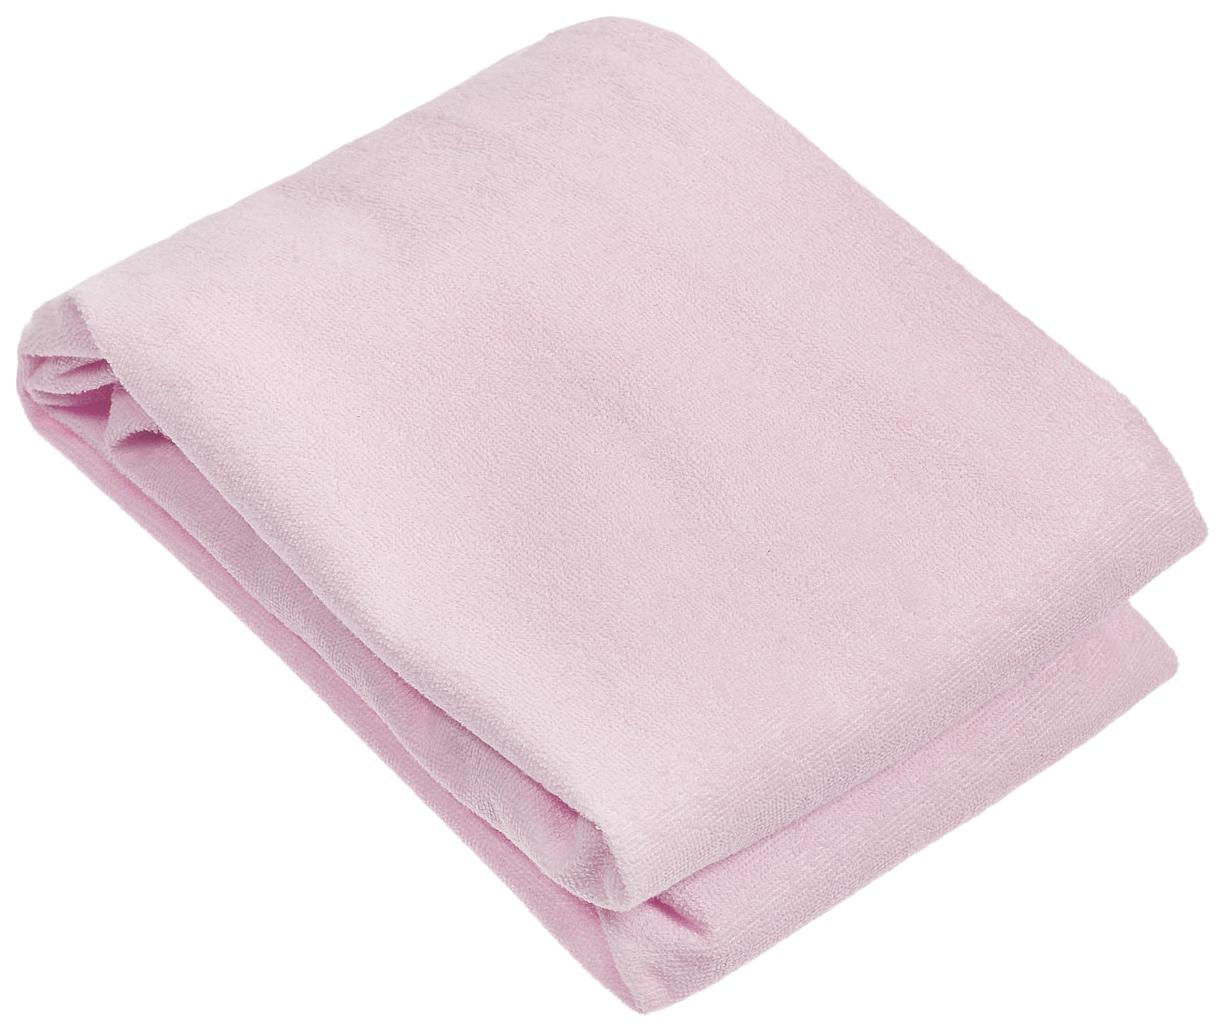 Наматрасник для круглой кроватки Baby Nice, розовый